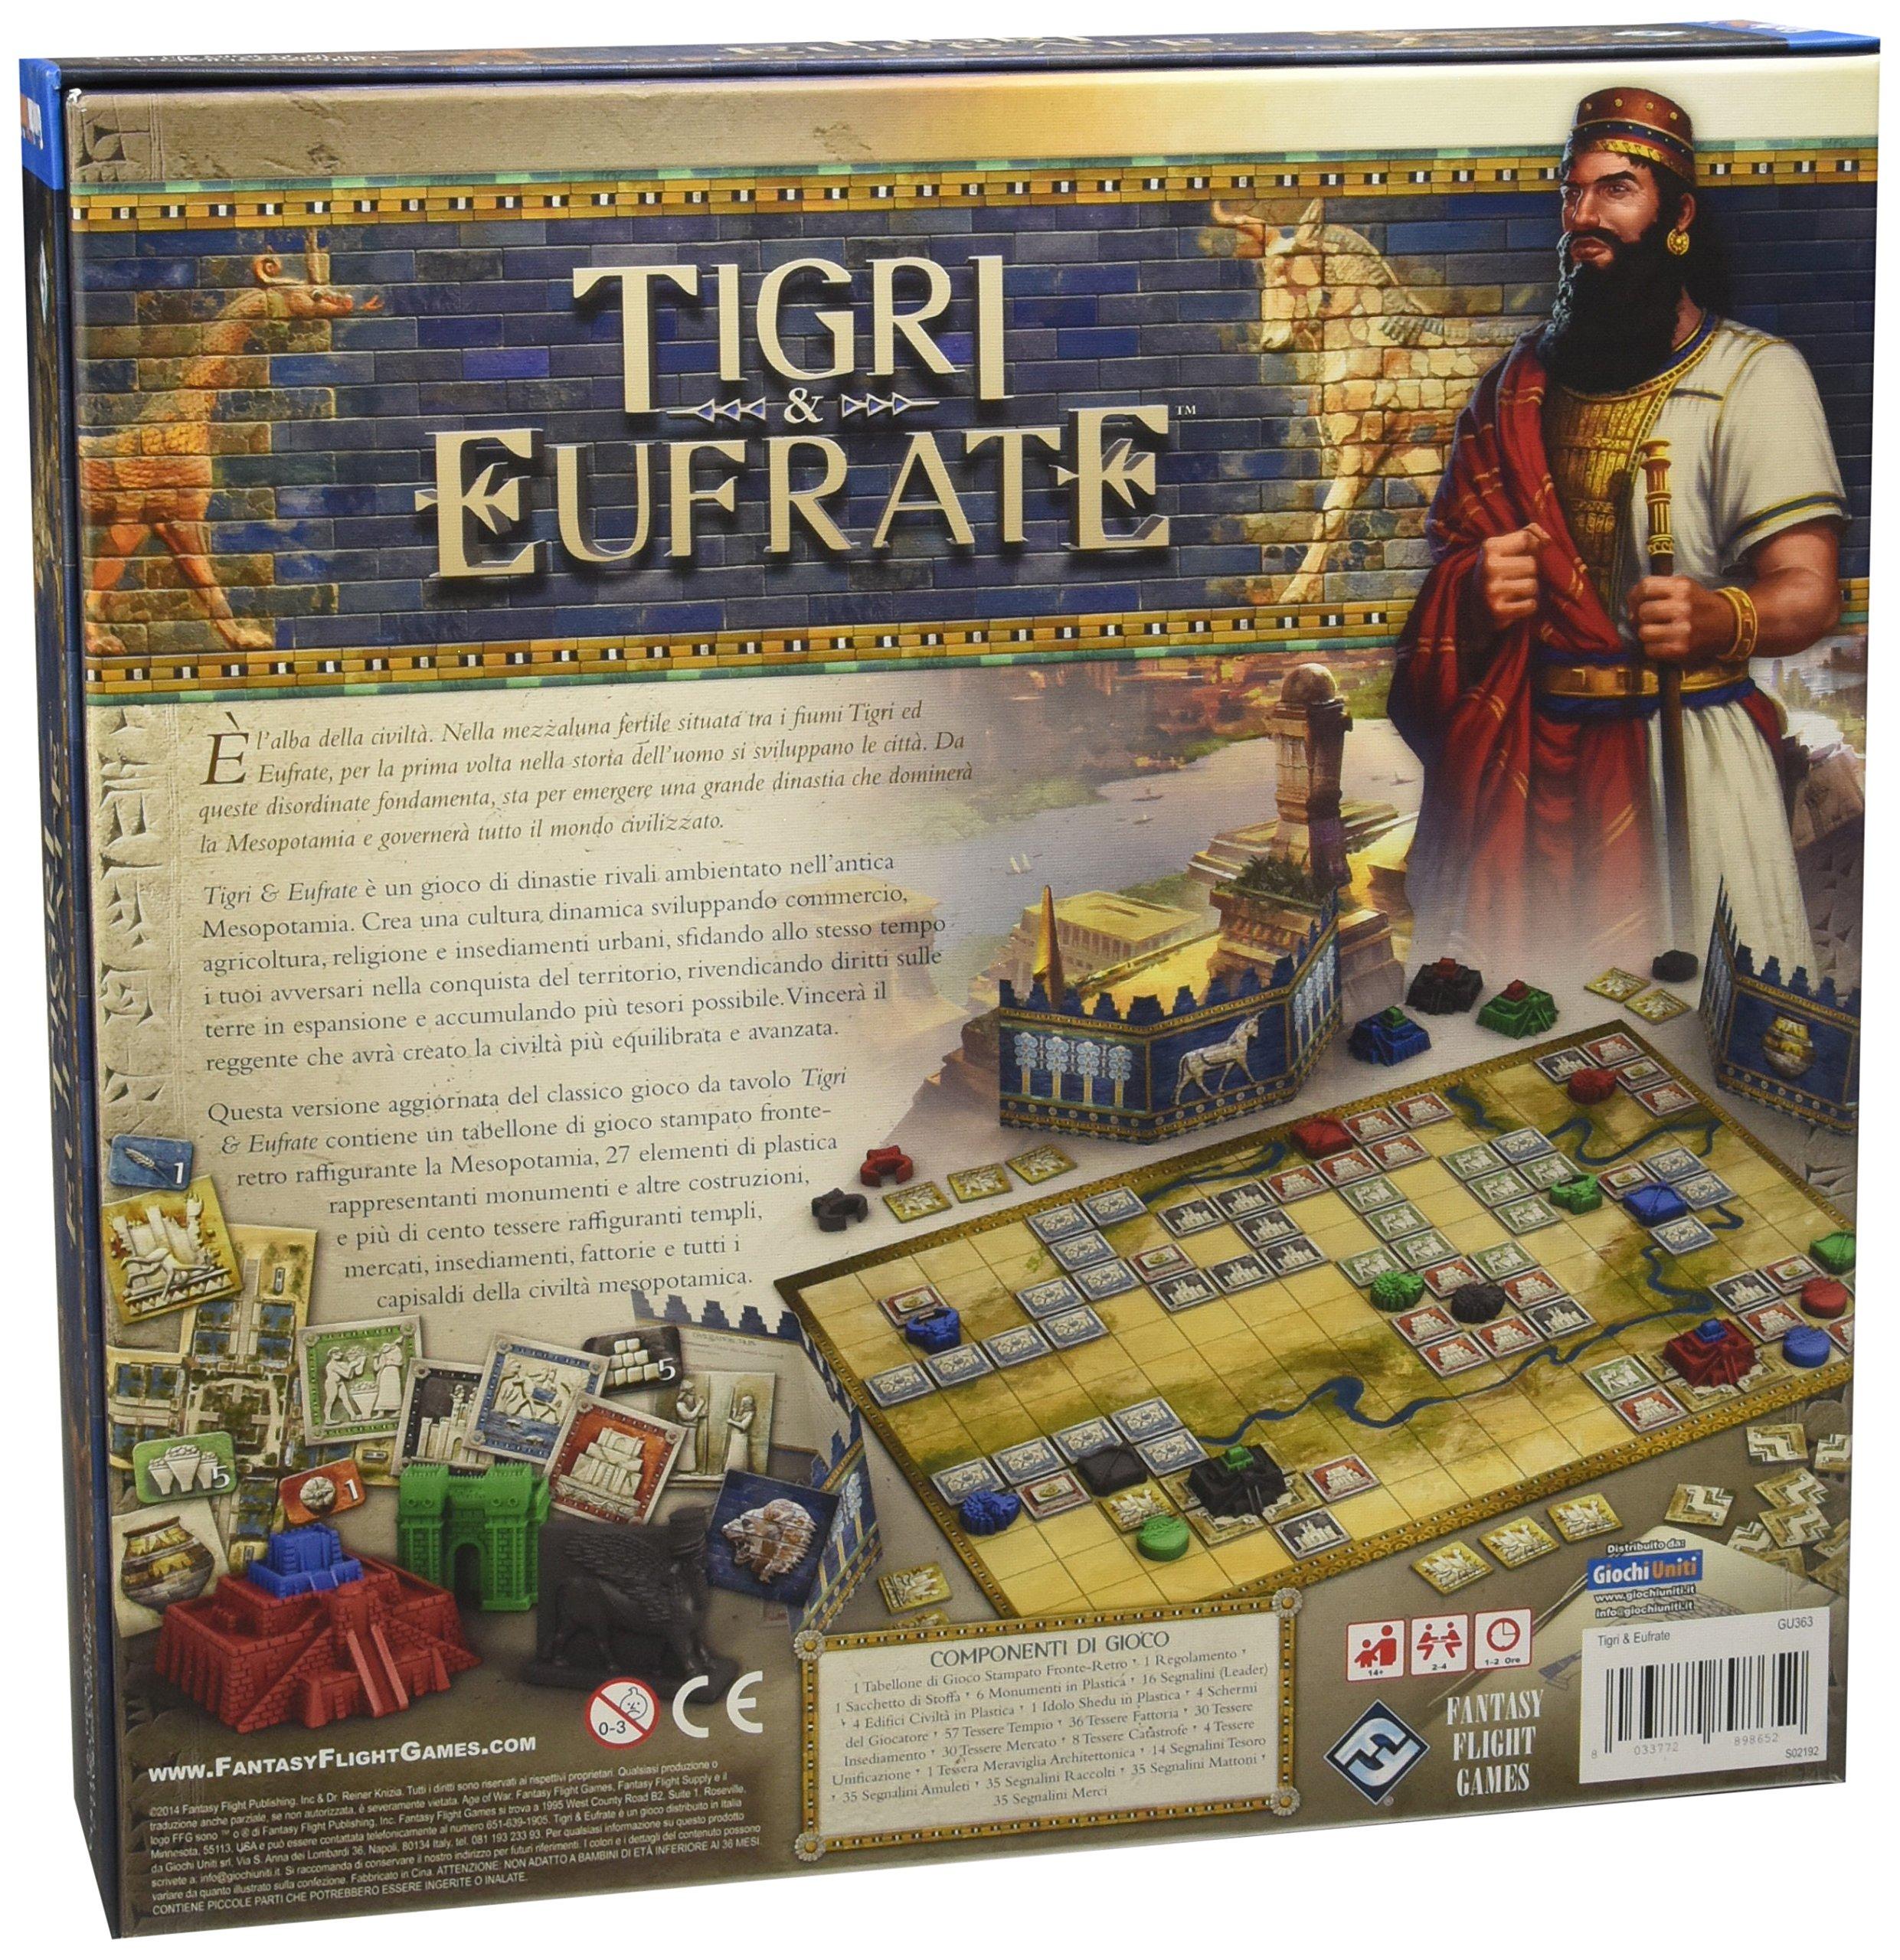 Giochi Uniti GU363 Tigri et Eufrate - Juego de Mesa: Amazon.es: Juguetes y juegos